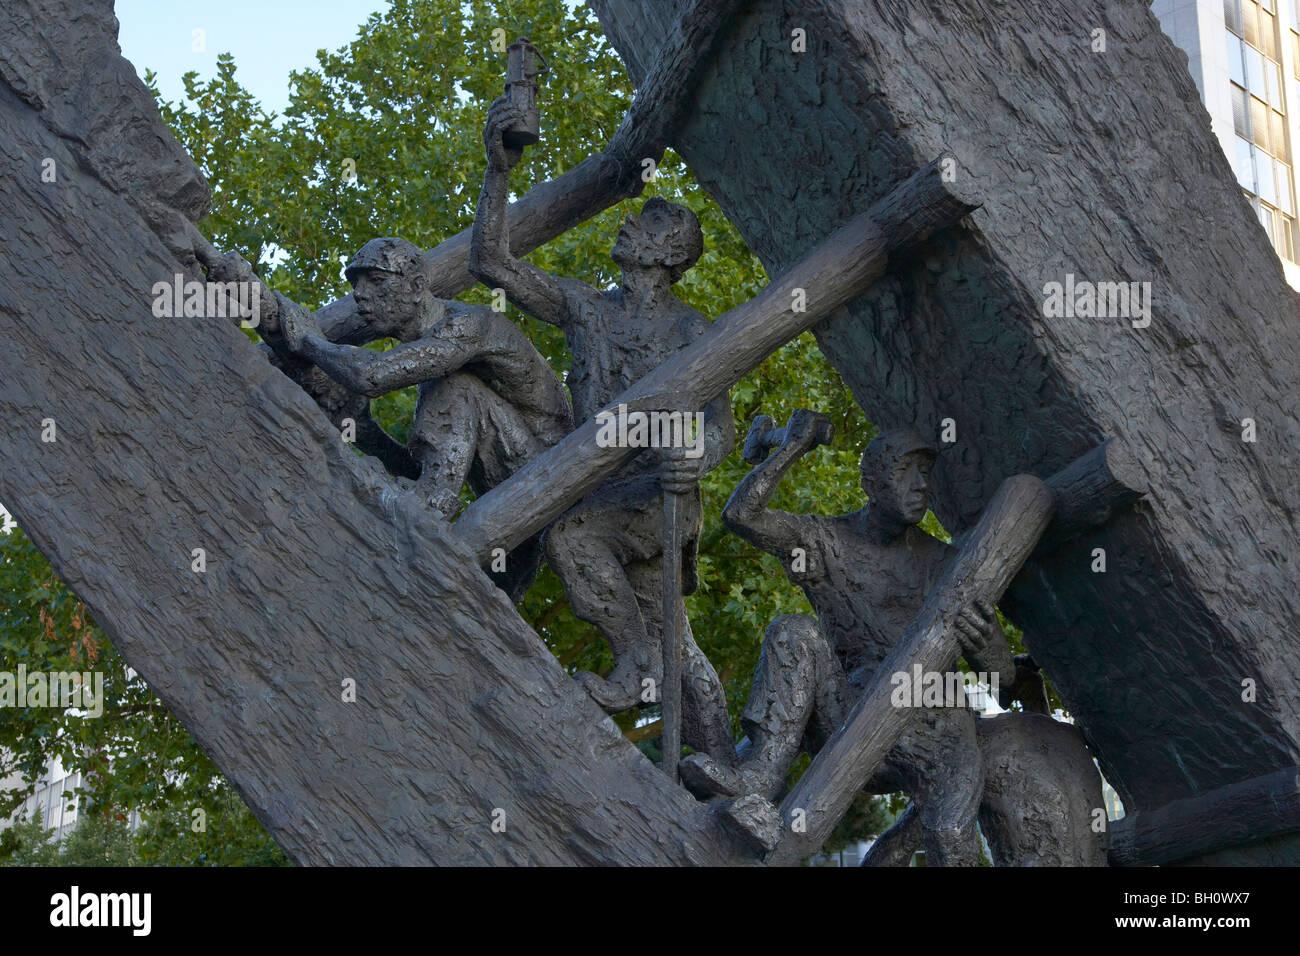 """Sculpture """"Steile Lagerung"""", Essen, Ruhr district, North Rhine-Westphalia, Germany Stock Photo"""